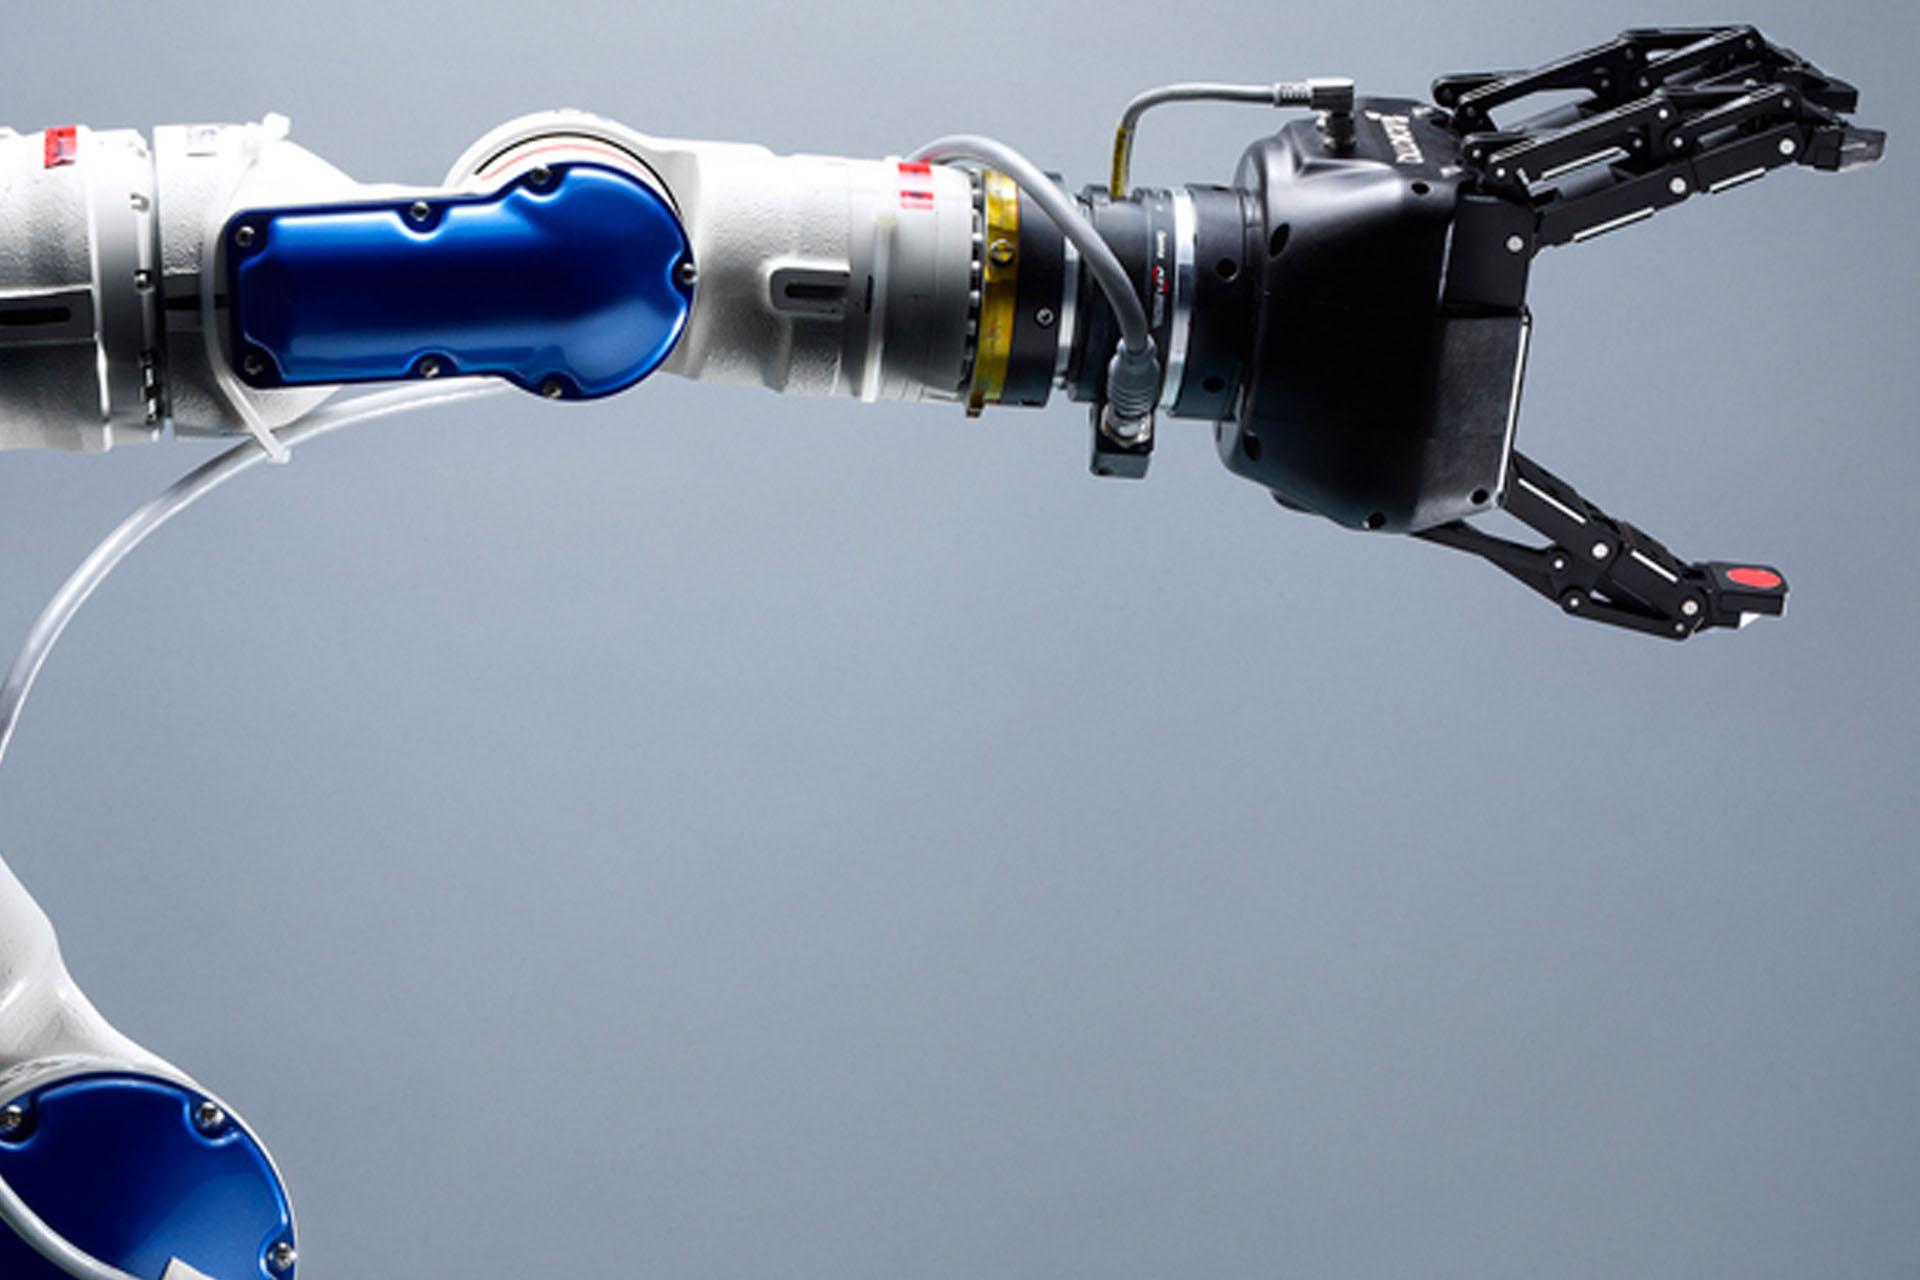 Toyota creó un robot para ayudar a los veteranos con parálisis